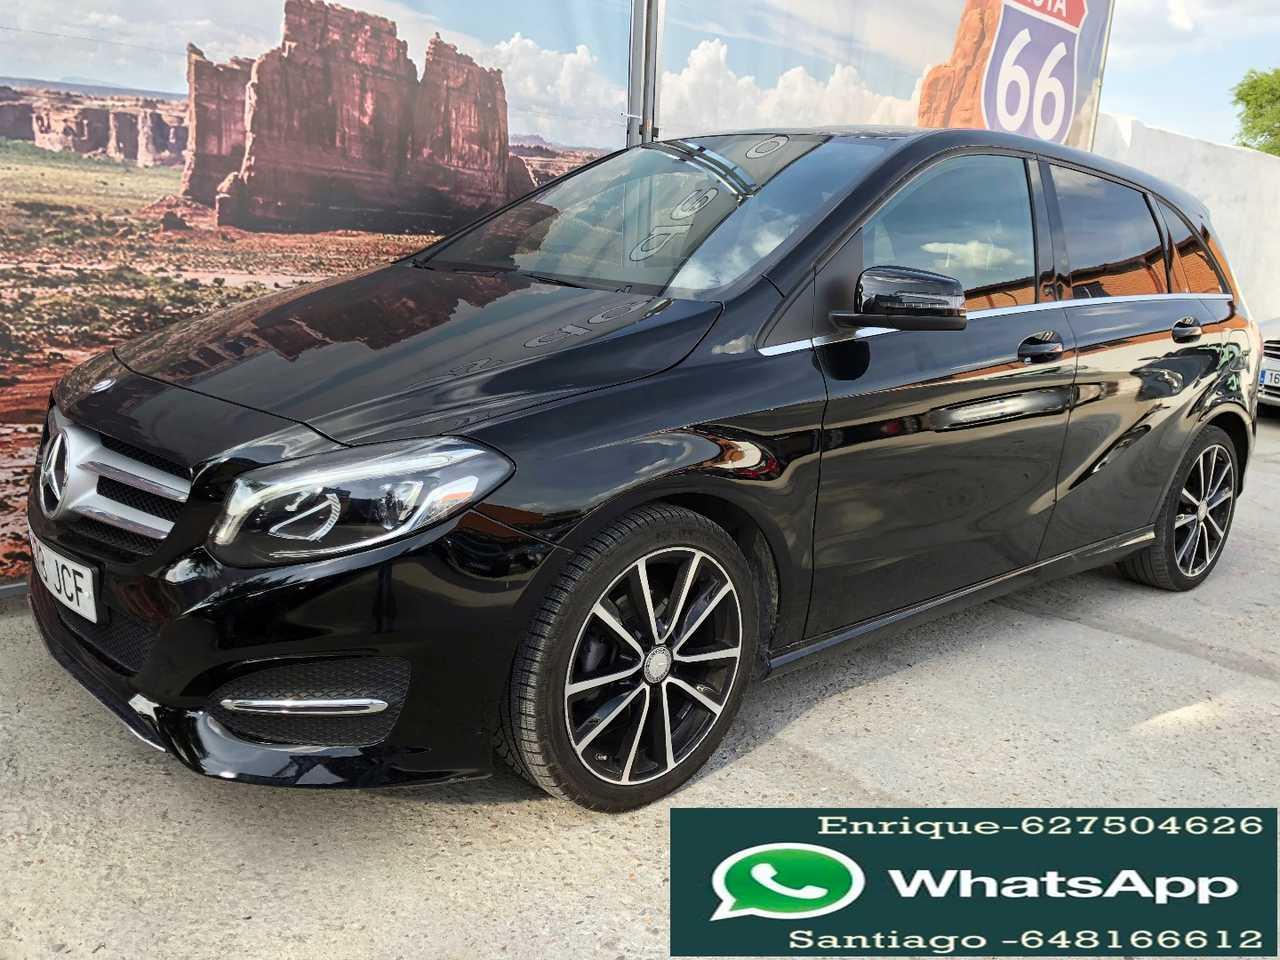 Mercedes Clase B 180 CDI Urban 5p.   - Foto 1